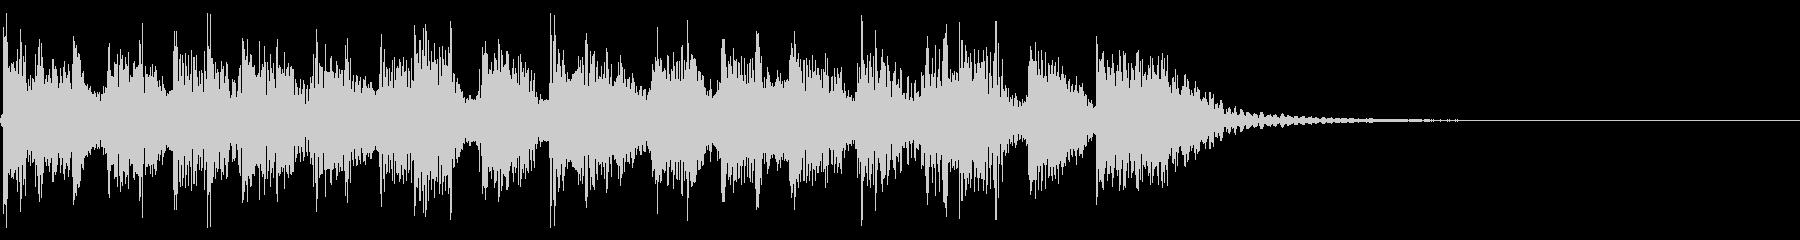 インパクトあるロックなジングル17の未再生の波形